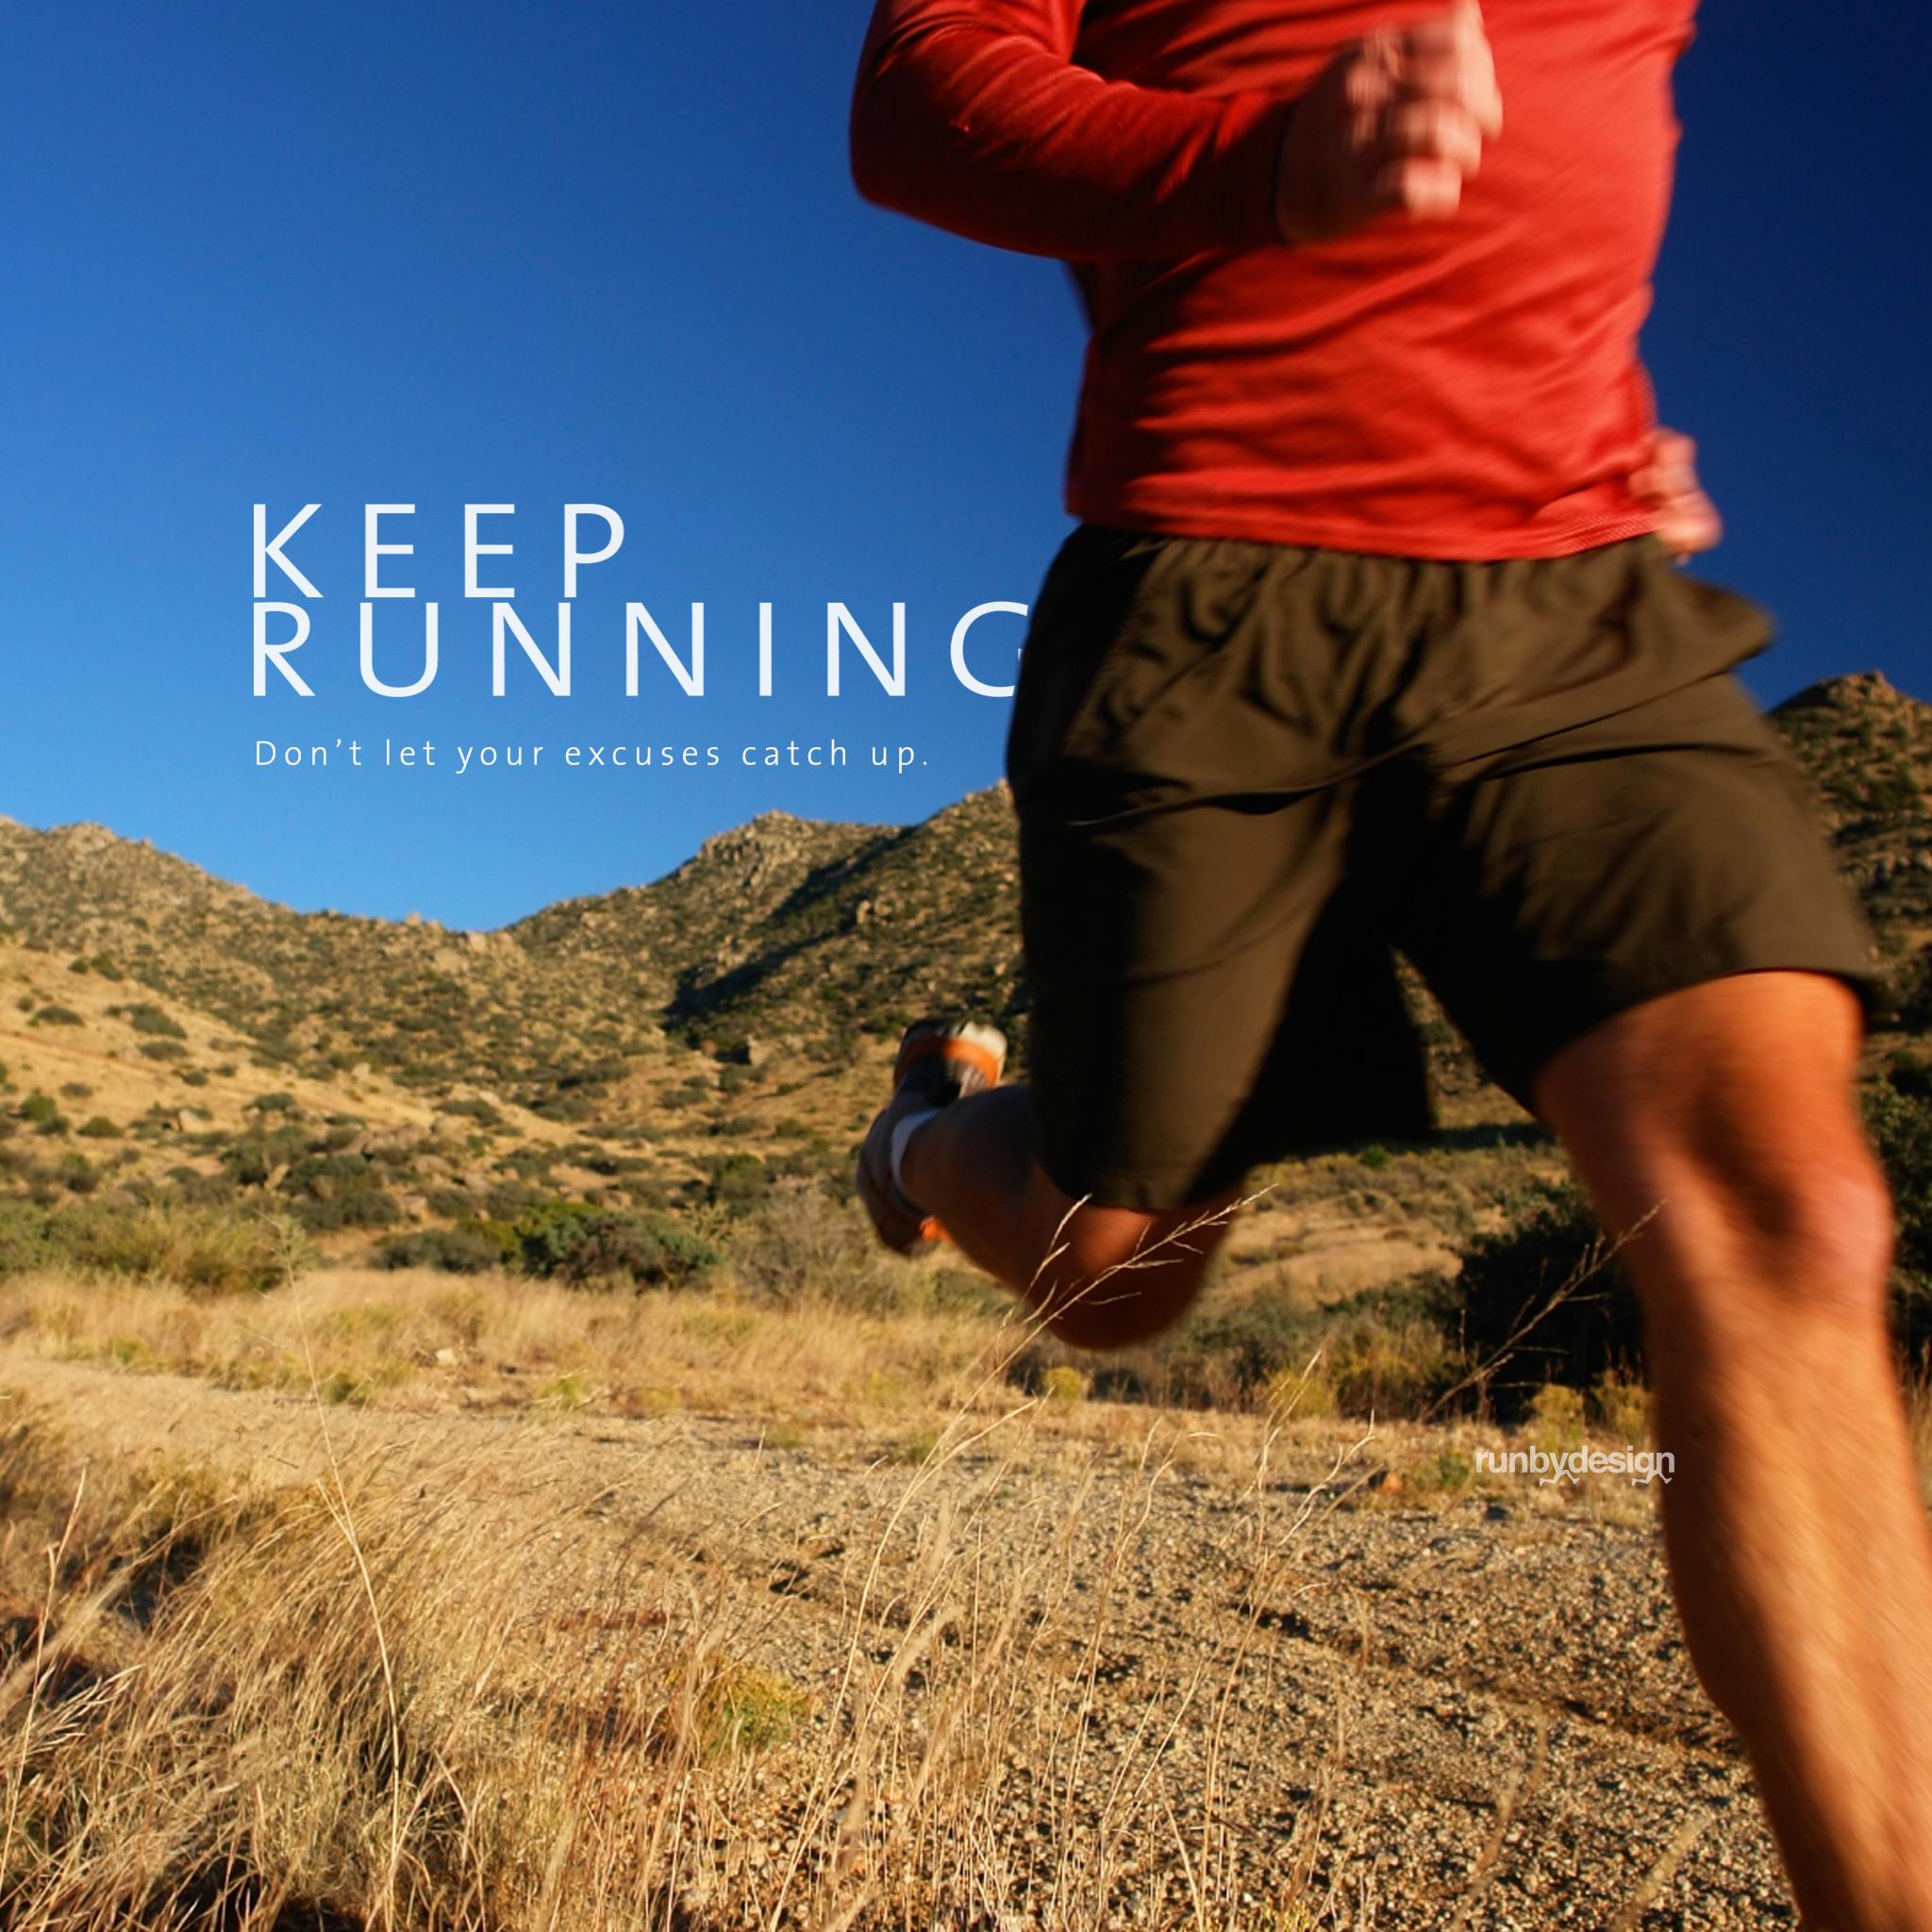 Nike Quotes Wallpaper: Nike Running Wallpaper